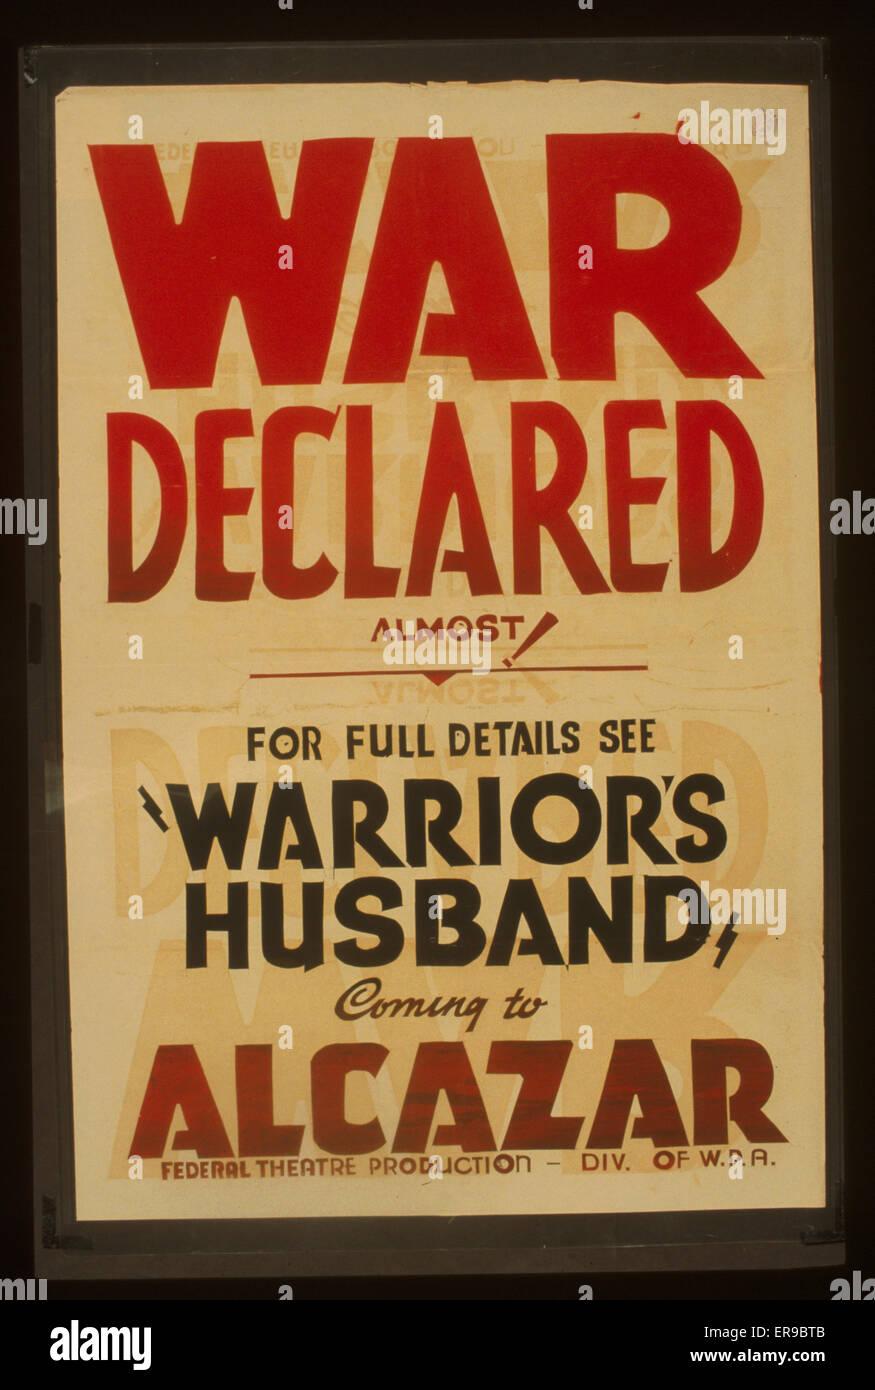 La guerra dichiarata quasi! : Per i dettagli completi vedere Warrior's marito proveniente da Alcazar. Poster per Foto Stock